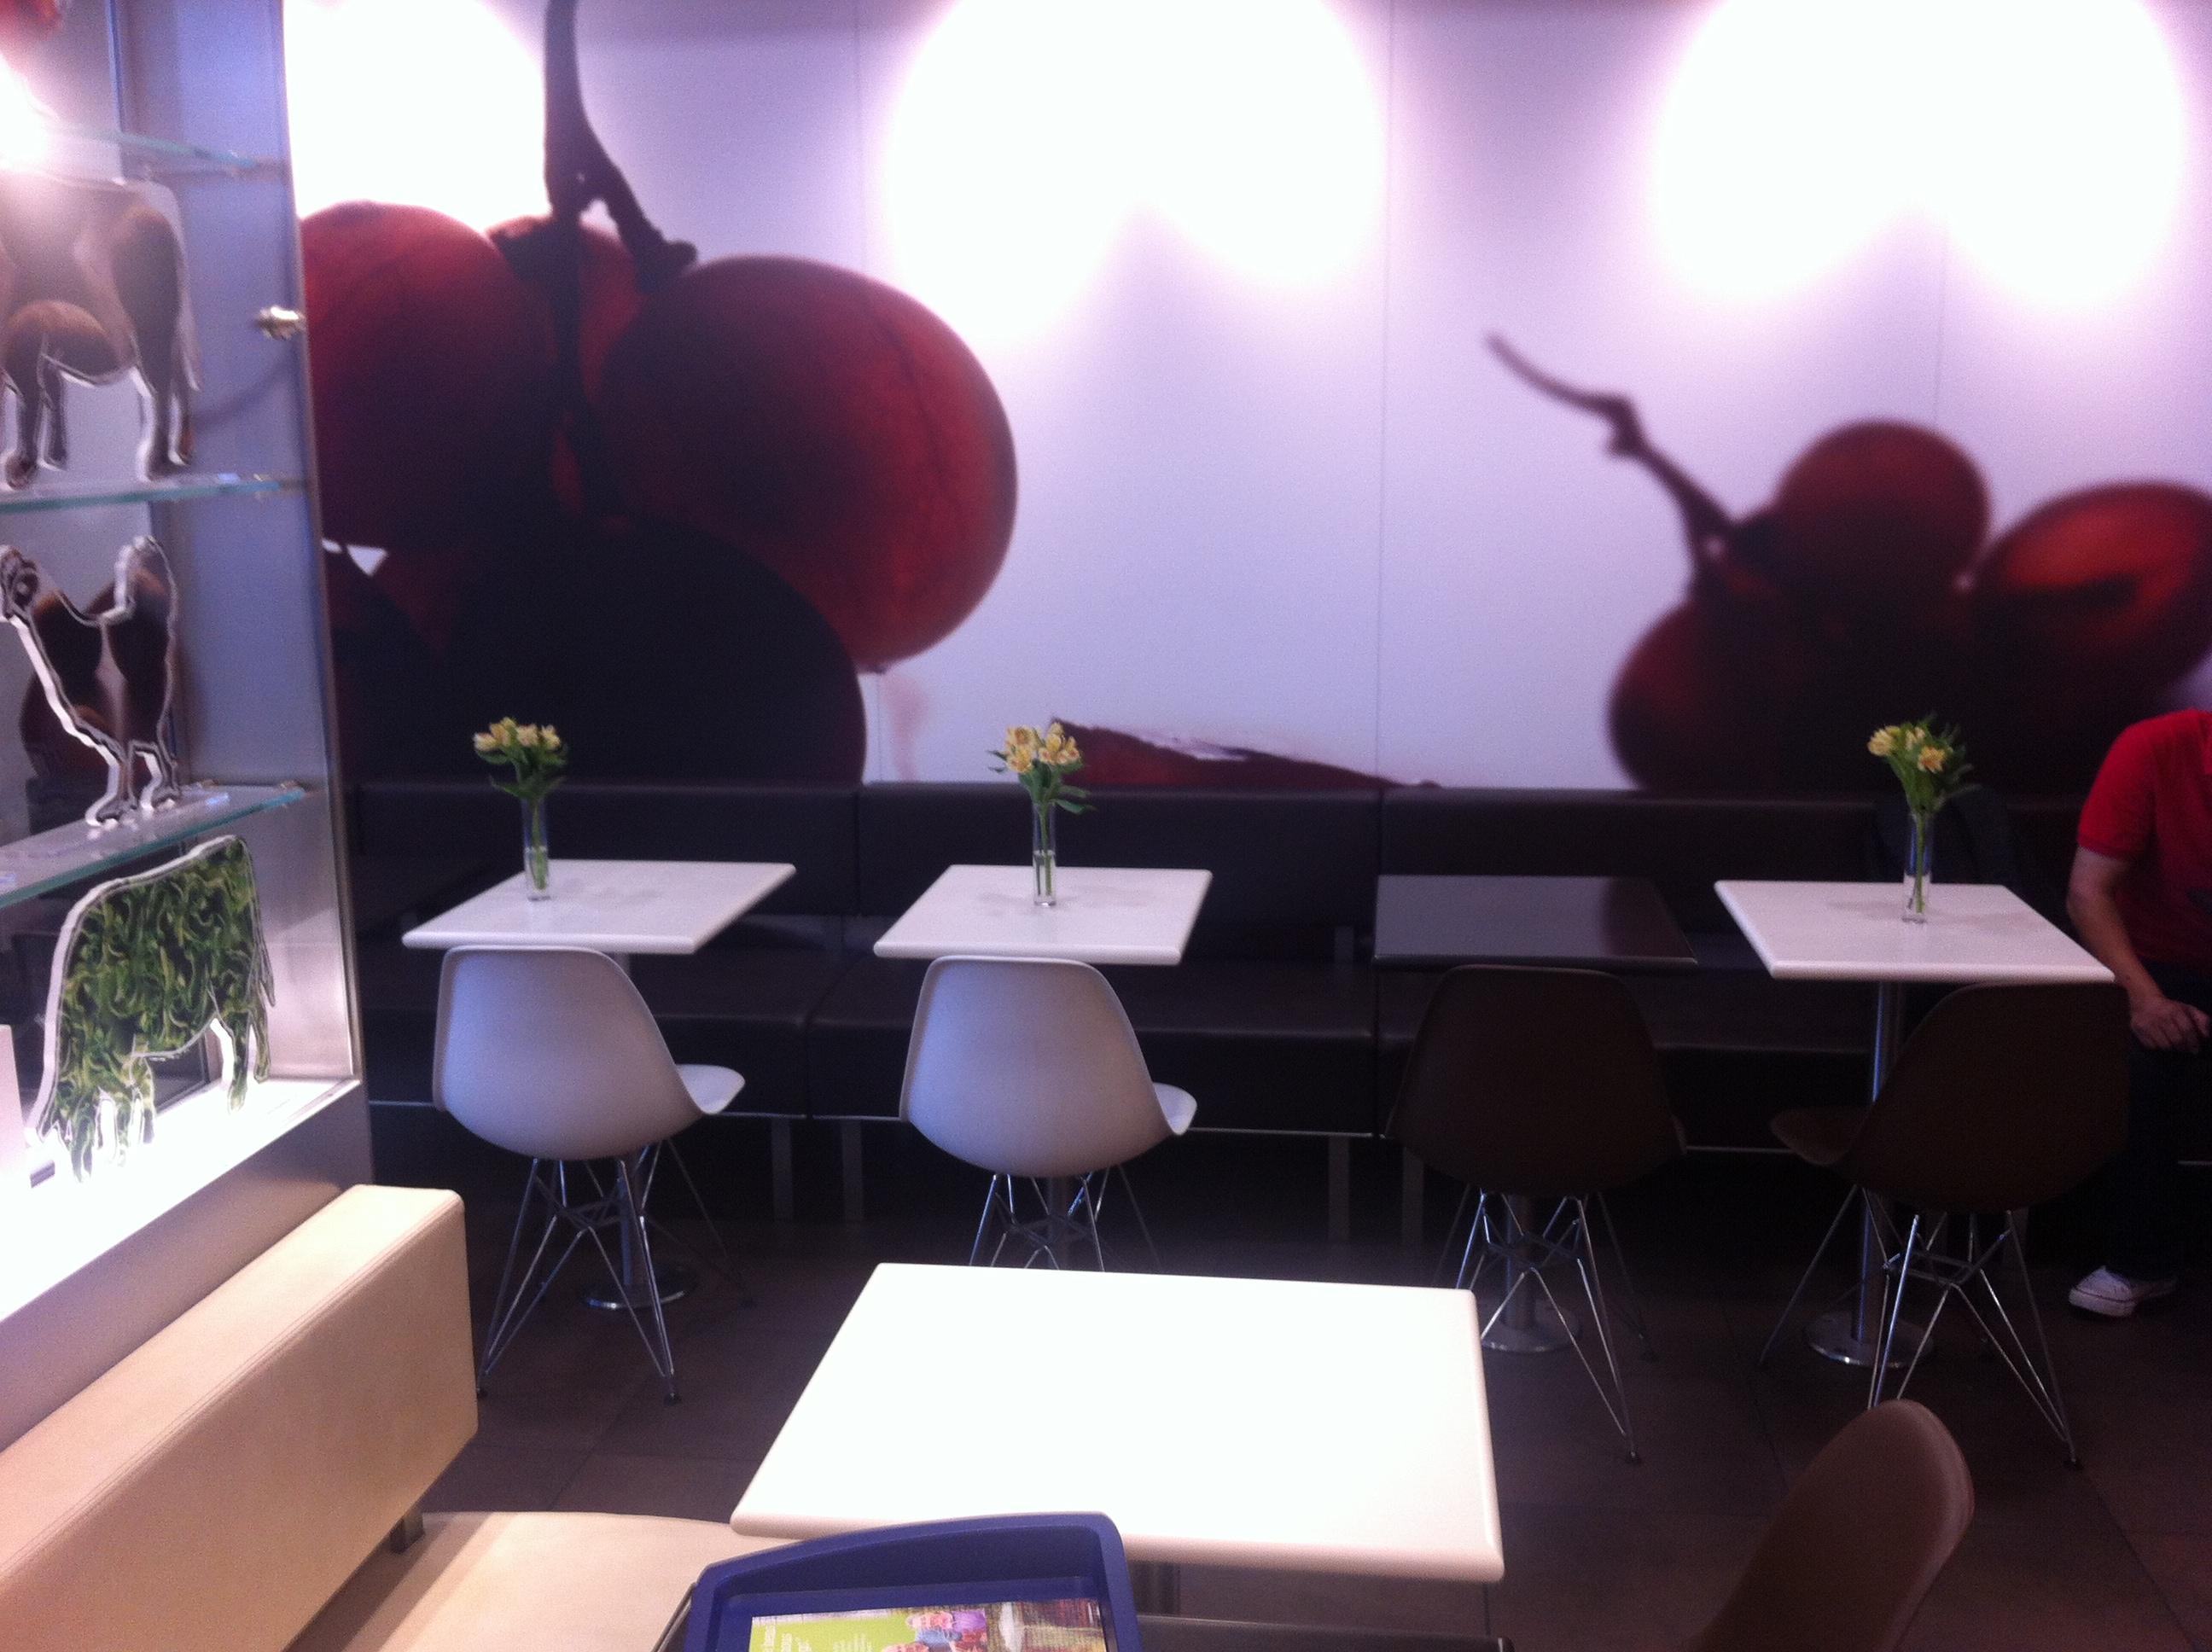 Designmöbler och smakfulla inredningsmöbler från Swivel UK